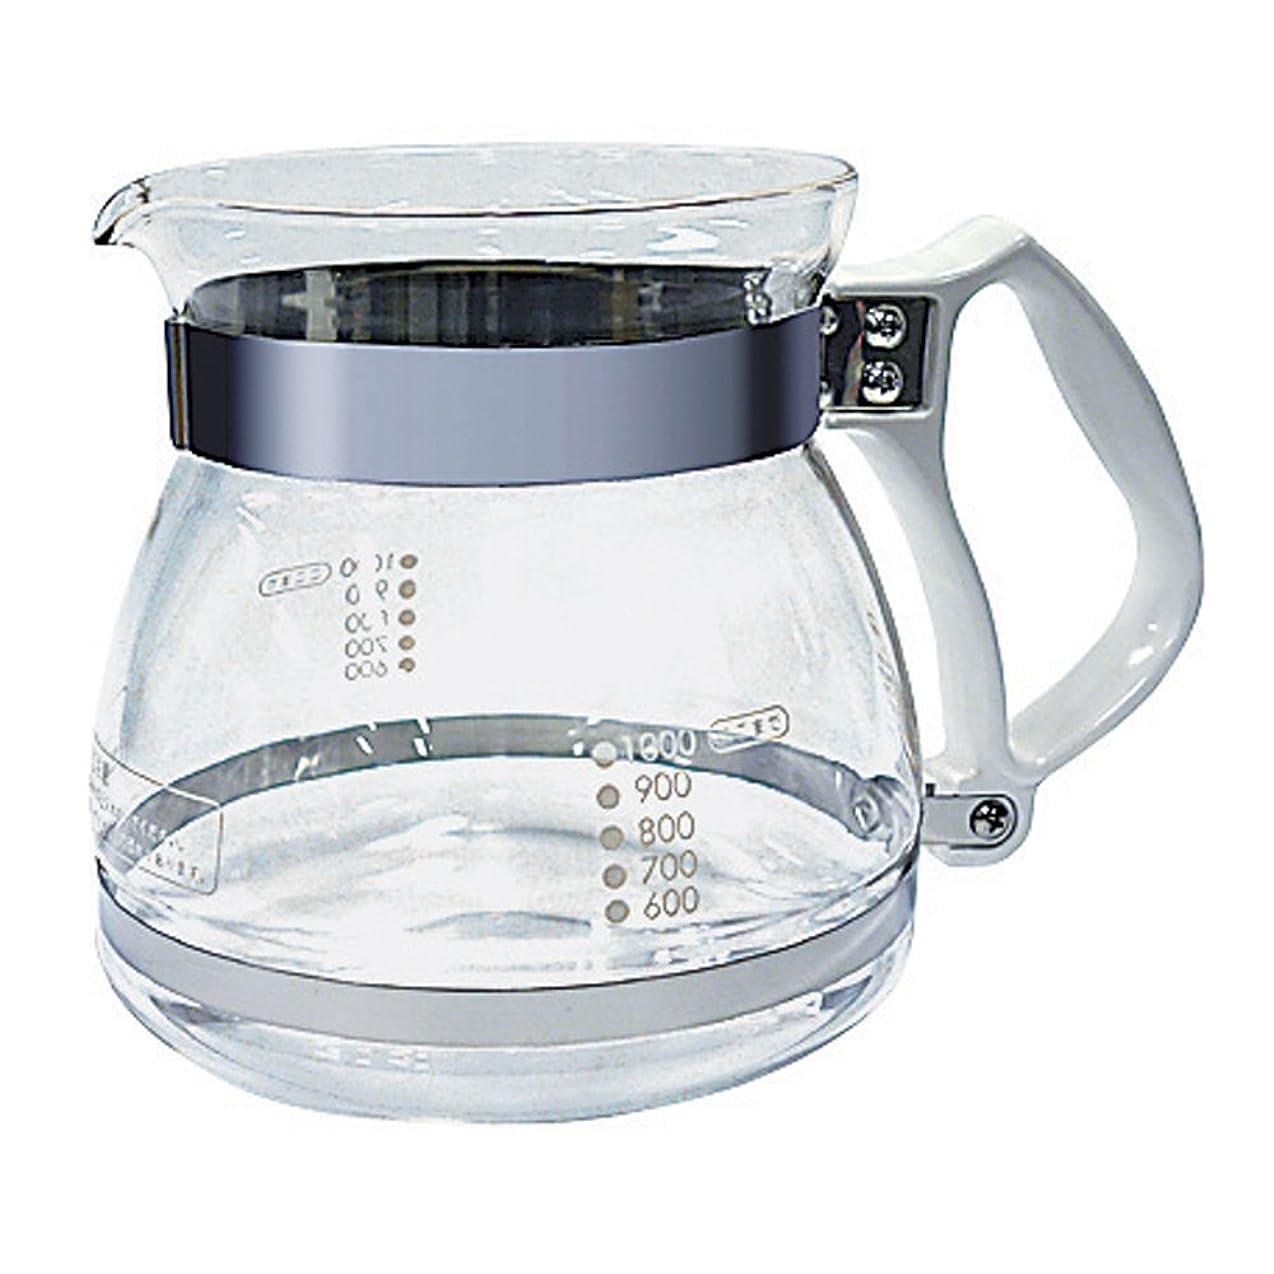 影響デイジー今ChefSteps CS10001 Joule Sous Vide, White/Stainless by ChefSteps